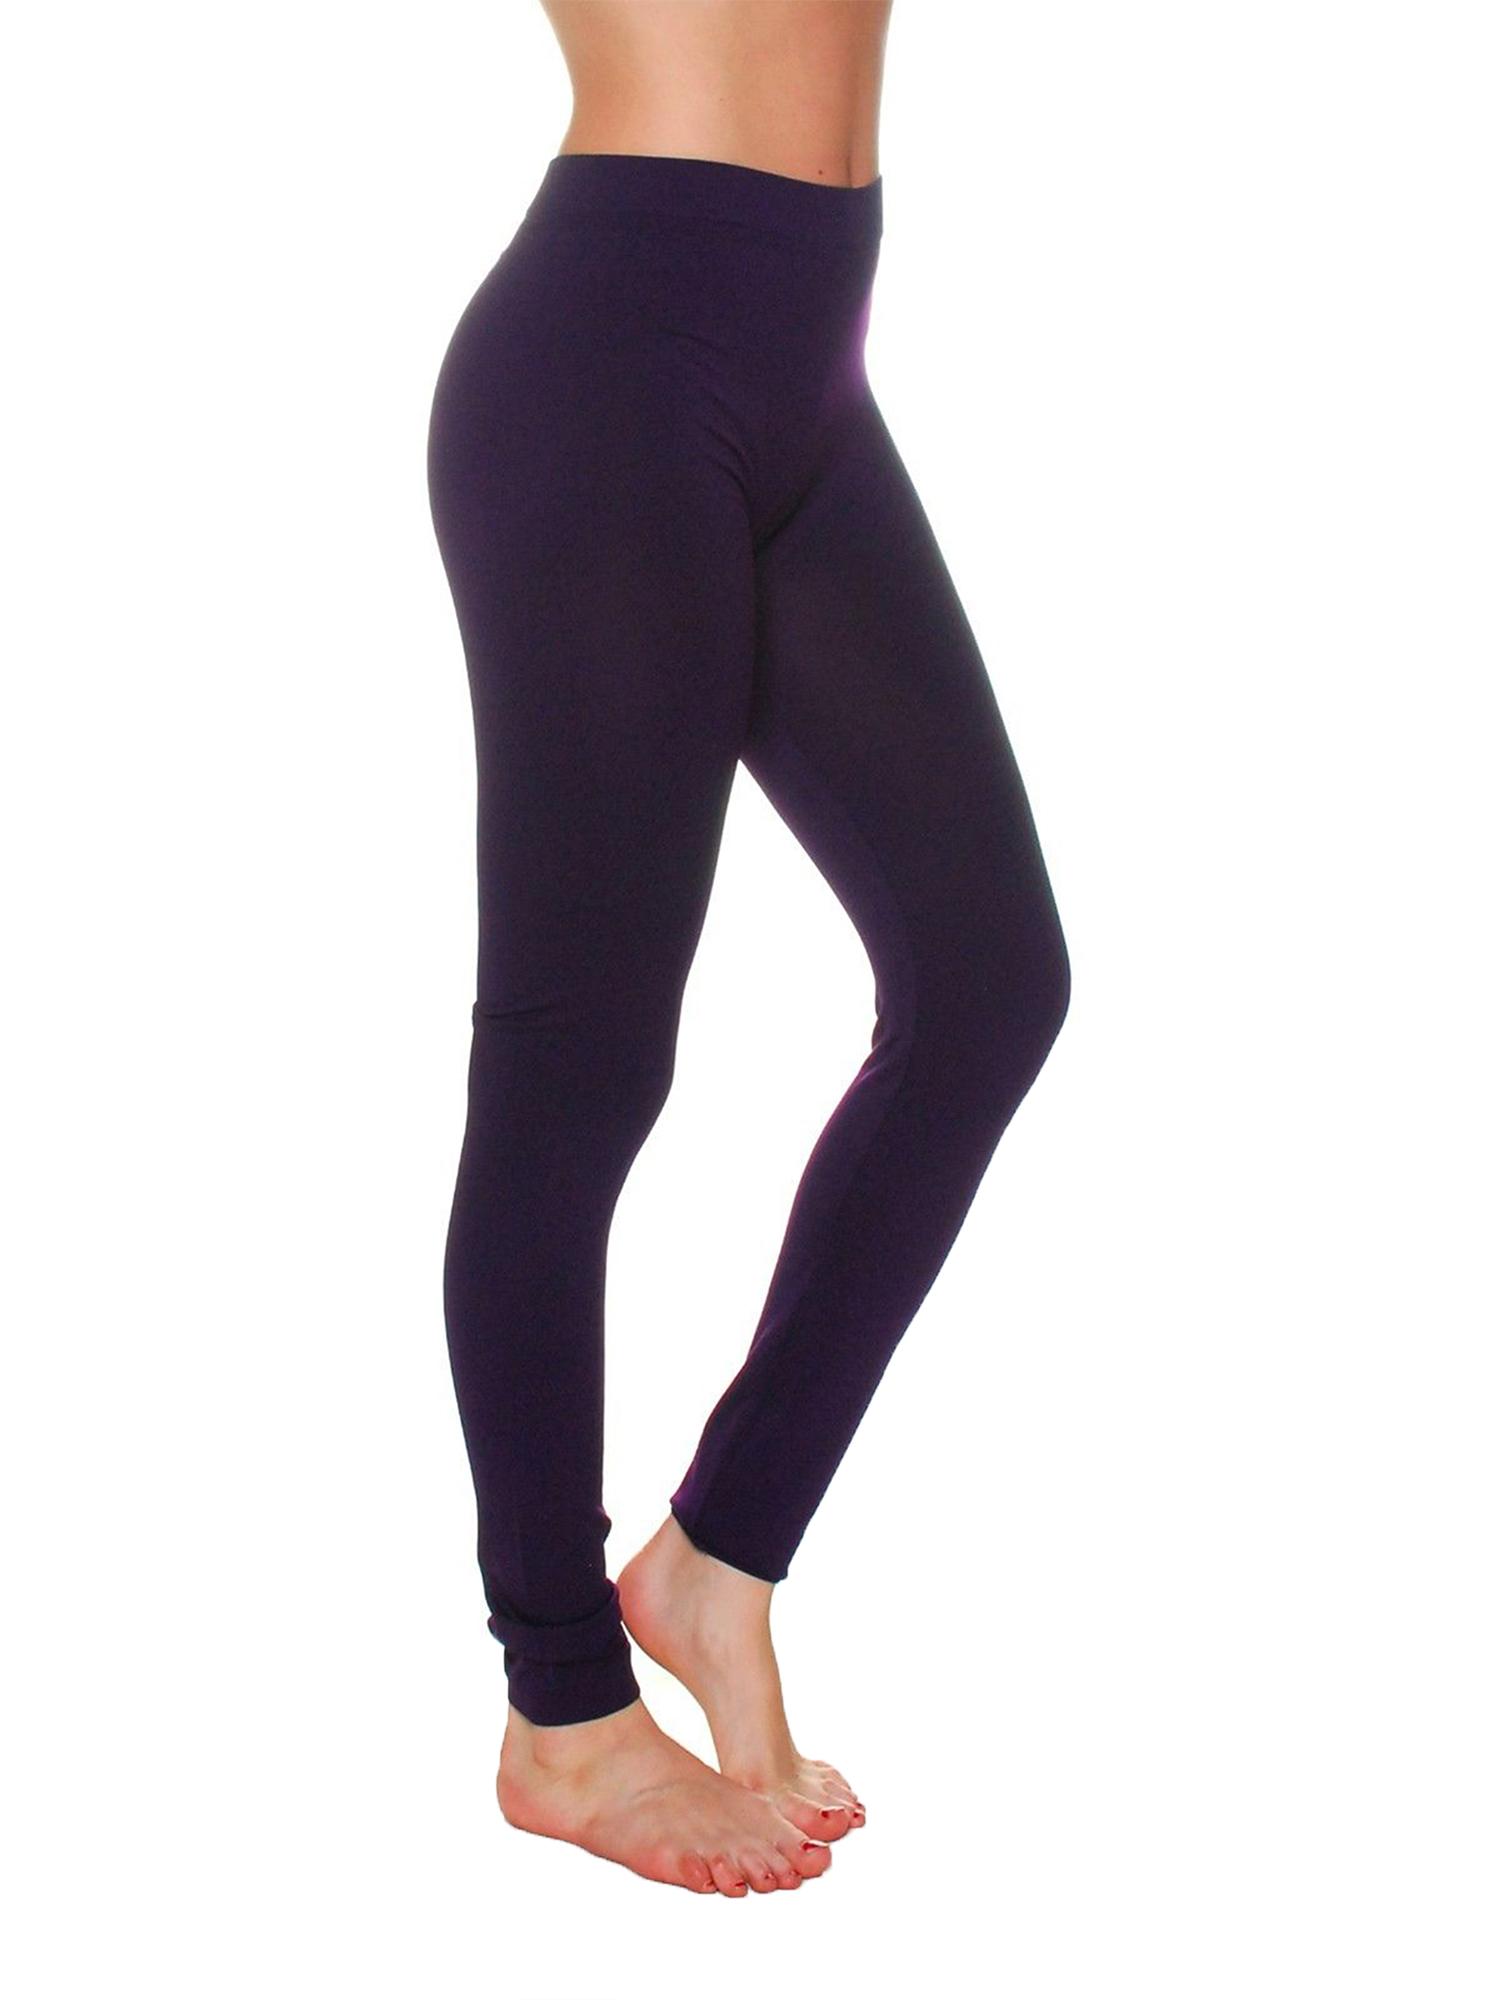 Essential Basic Women Full Ankle Length Seamless Leggings Ankle Length - Jr - Plus Sizes